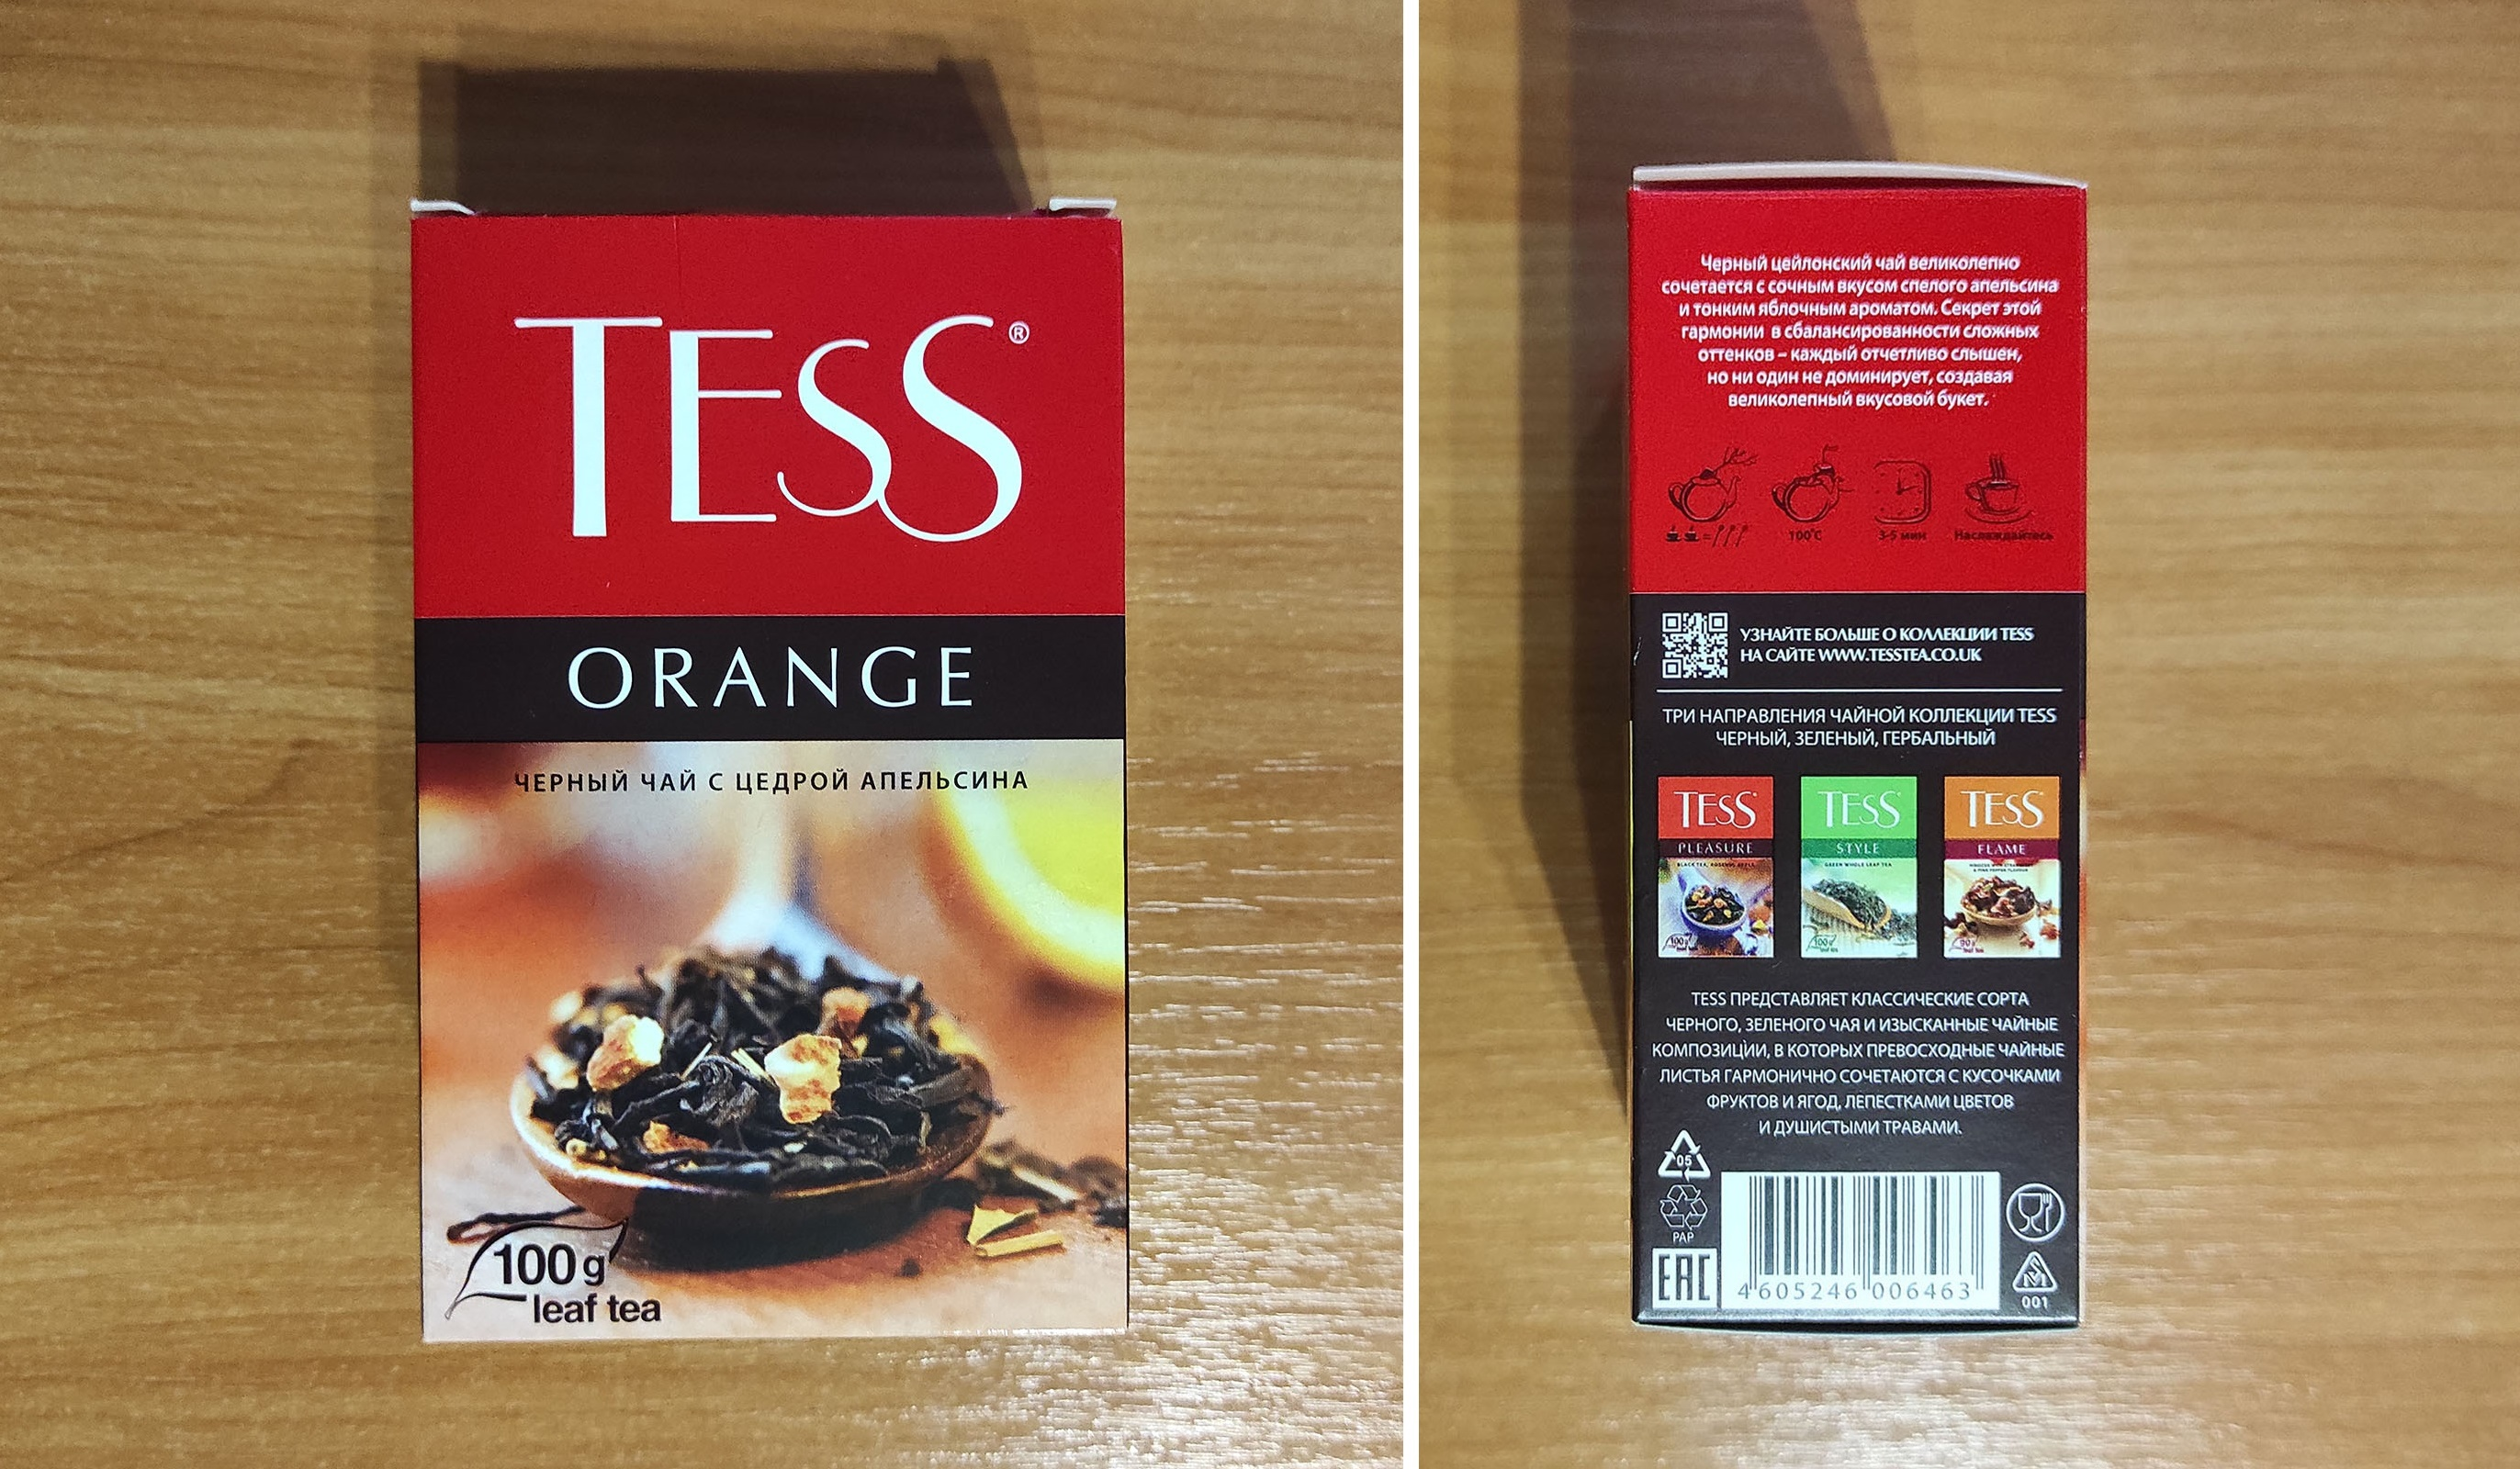 Вред чая в пакетиках - пользы нет, а вред реален   азбука здоровья